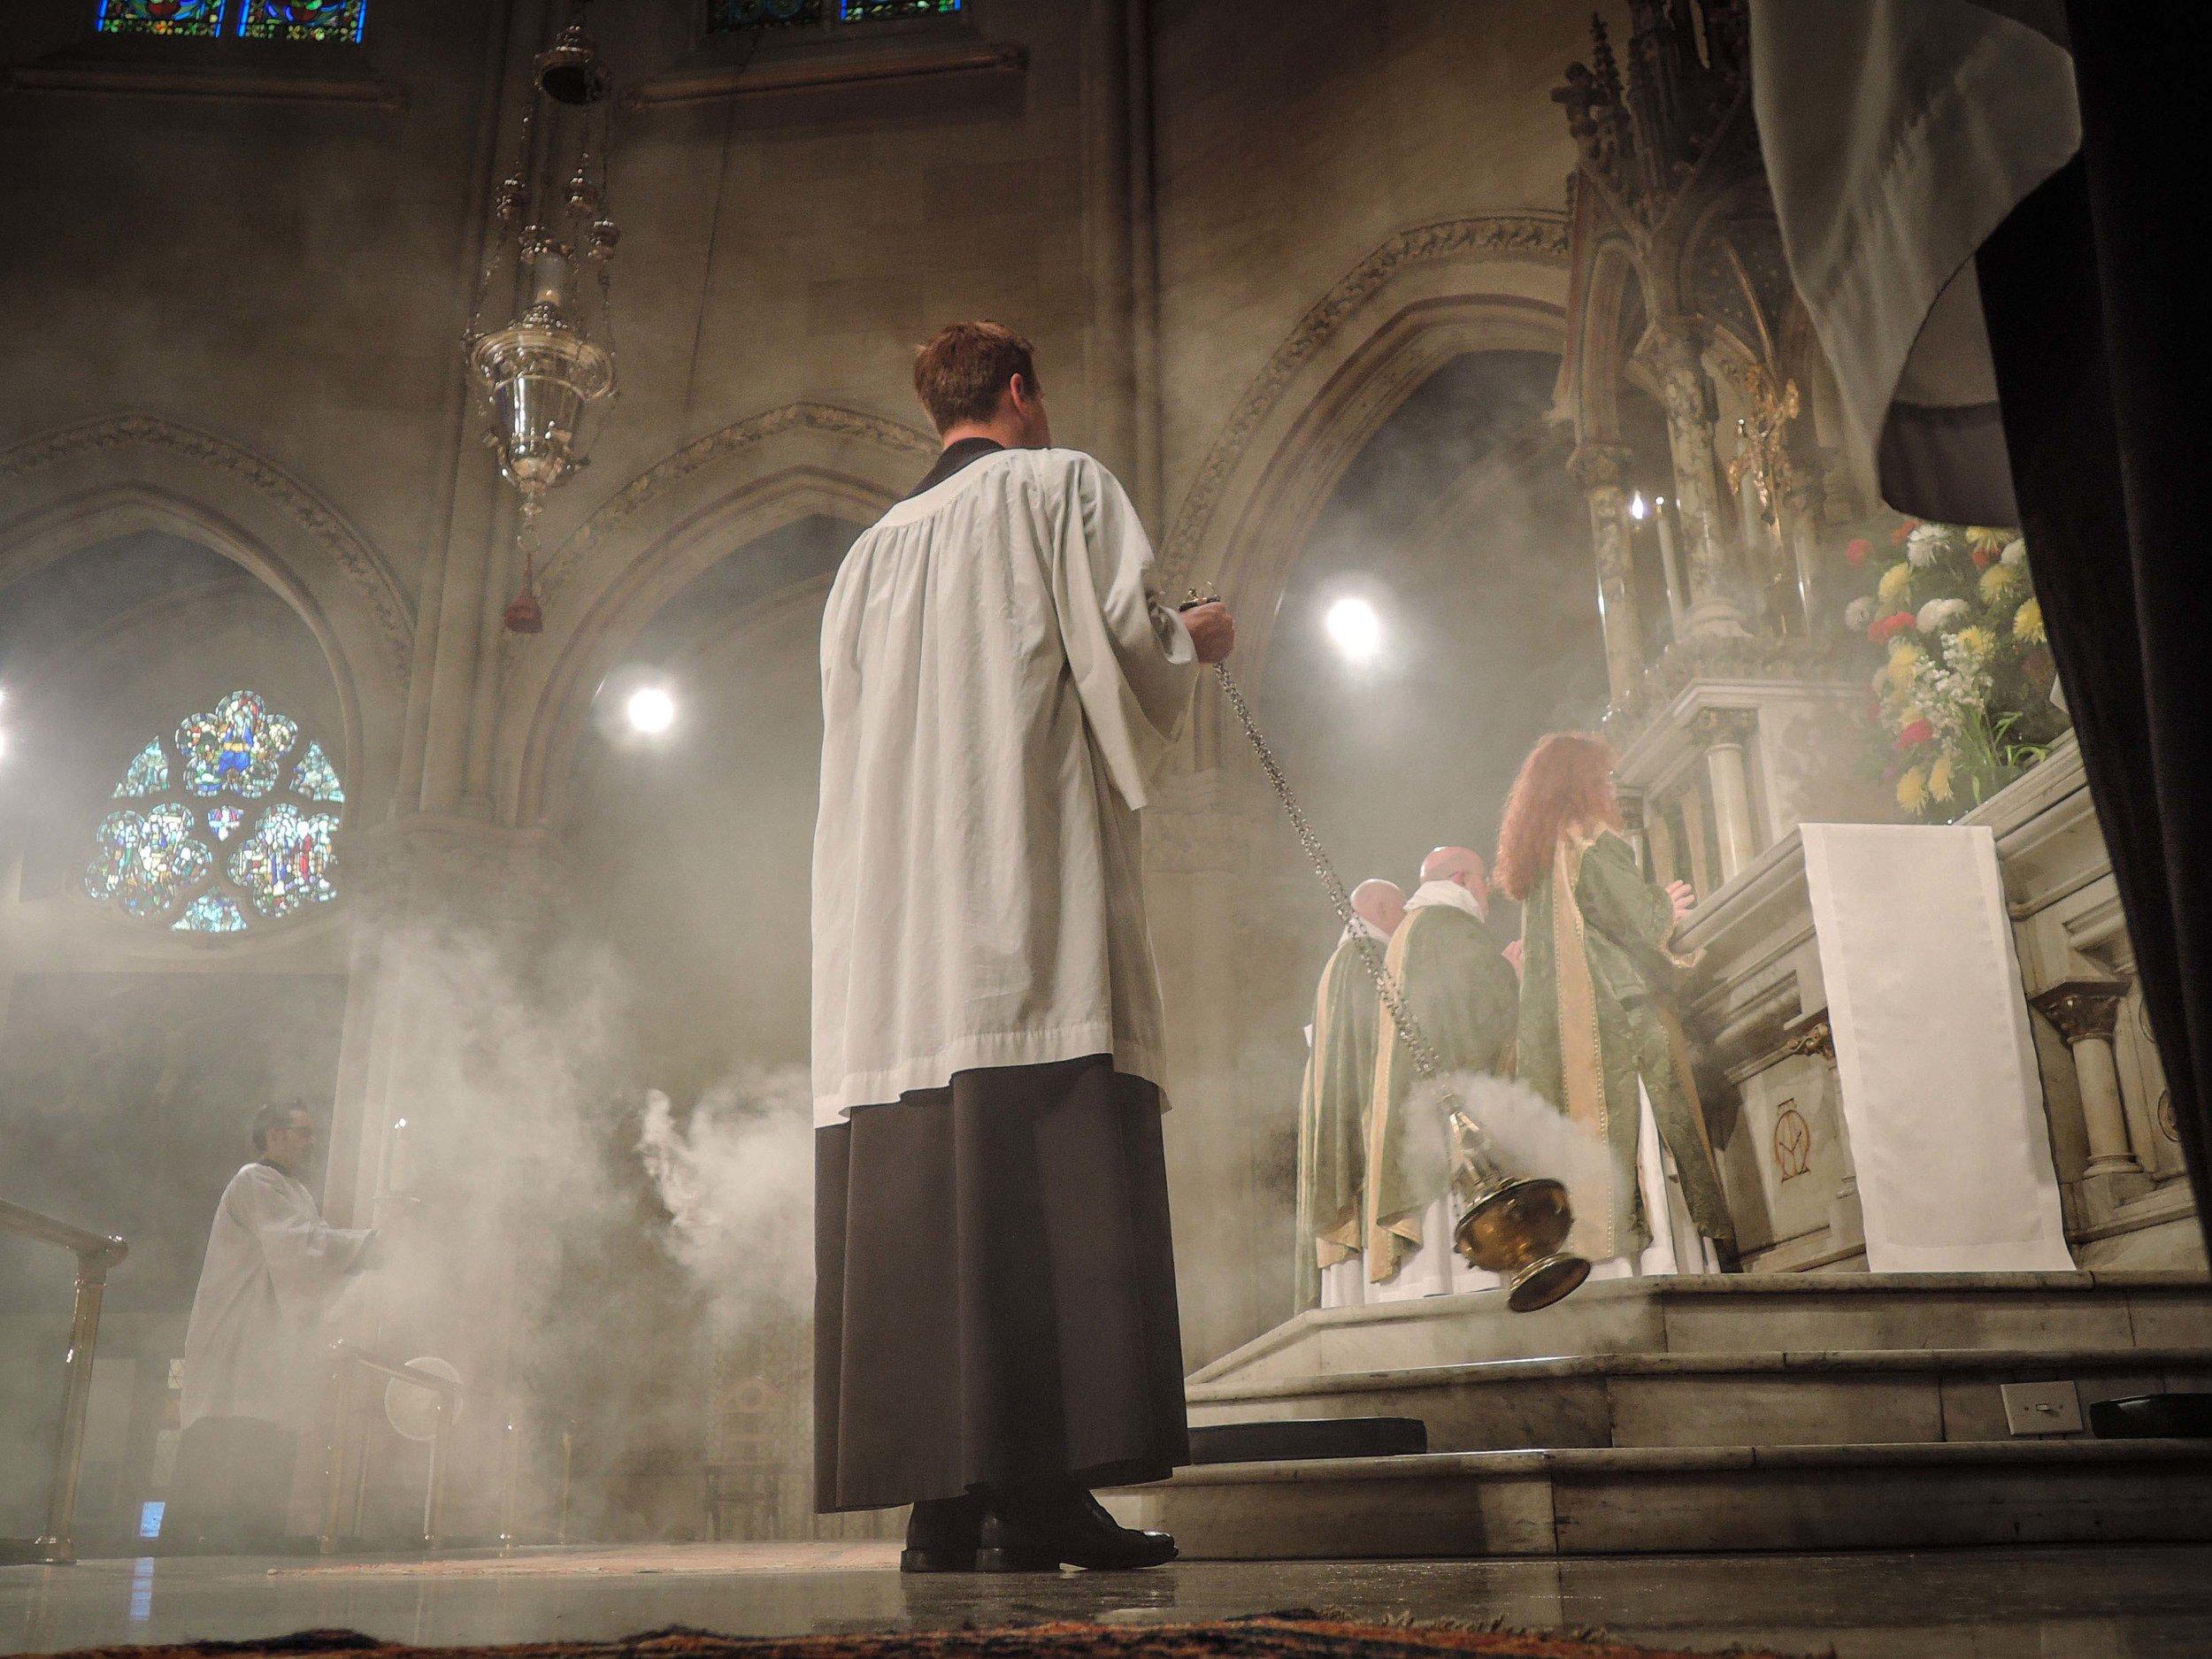 At the singing of Sanctus et Benedictus.